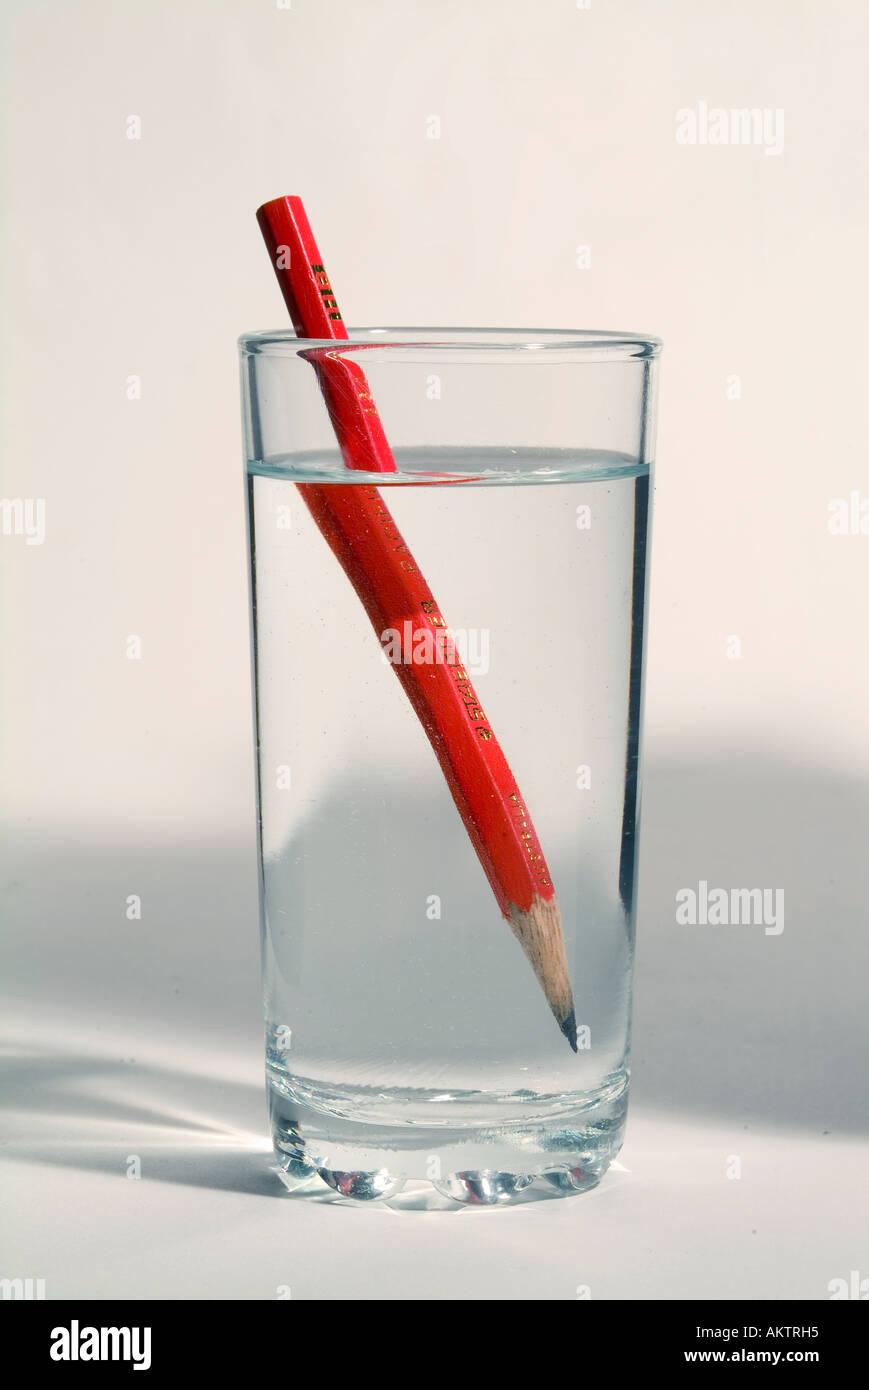 Un crayon dans un verre d'eau montrant la distorsion optique causé par la réfraction de l'image Photo Stock